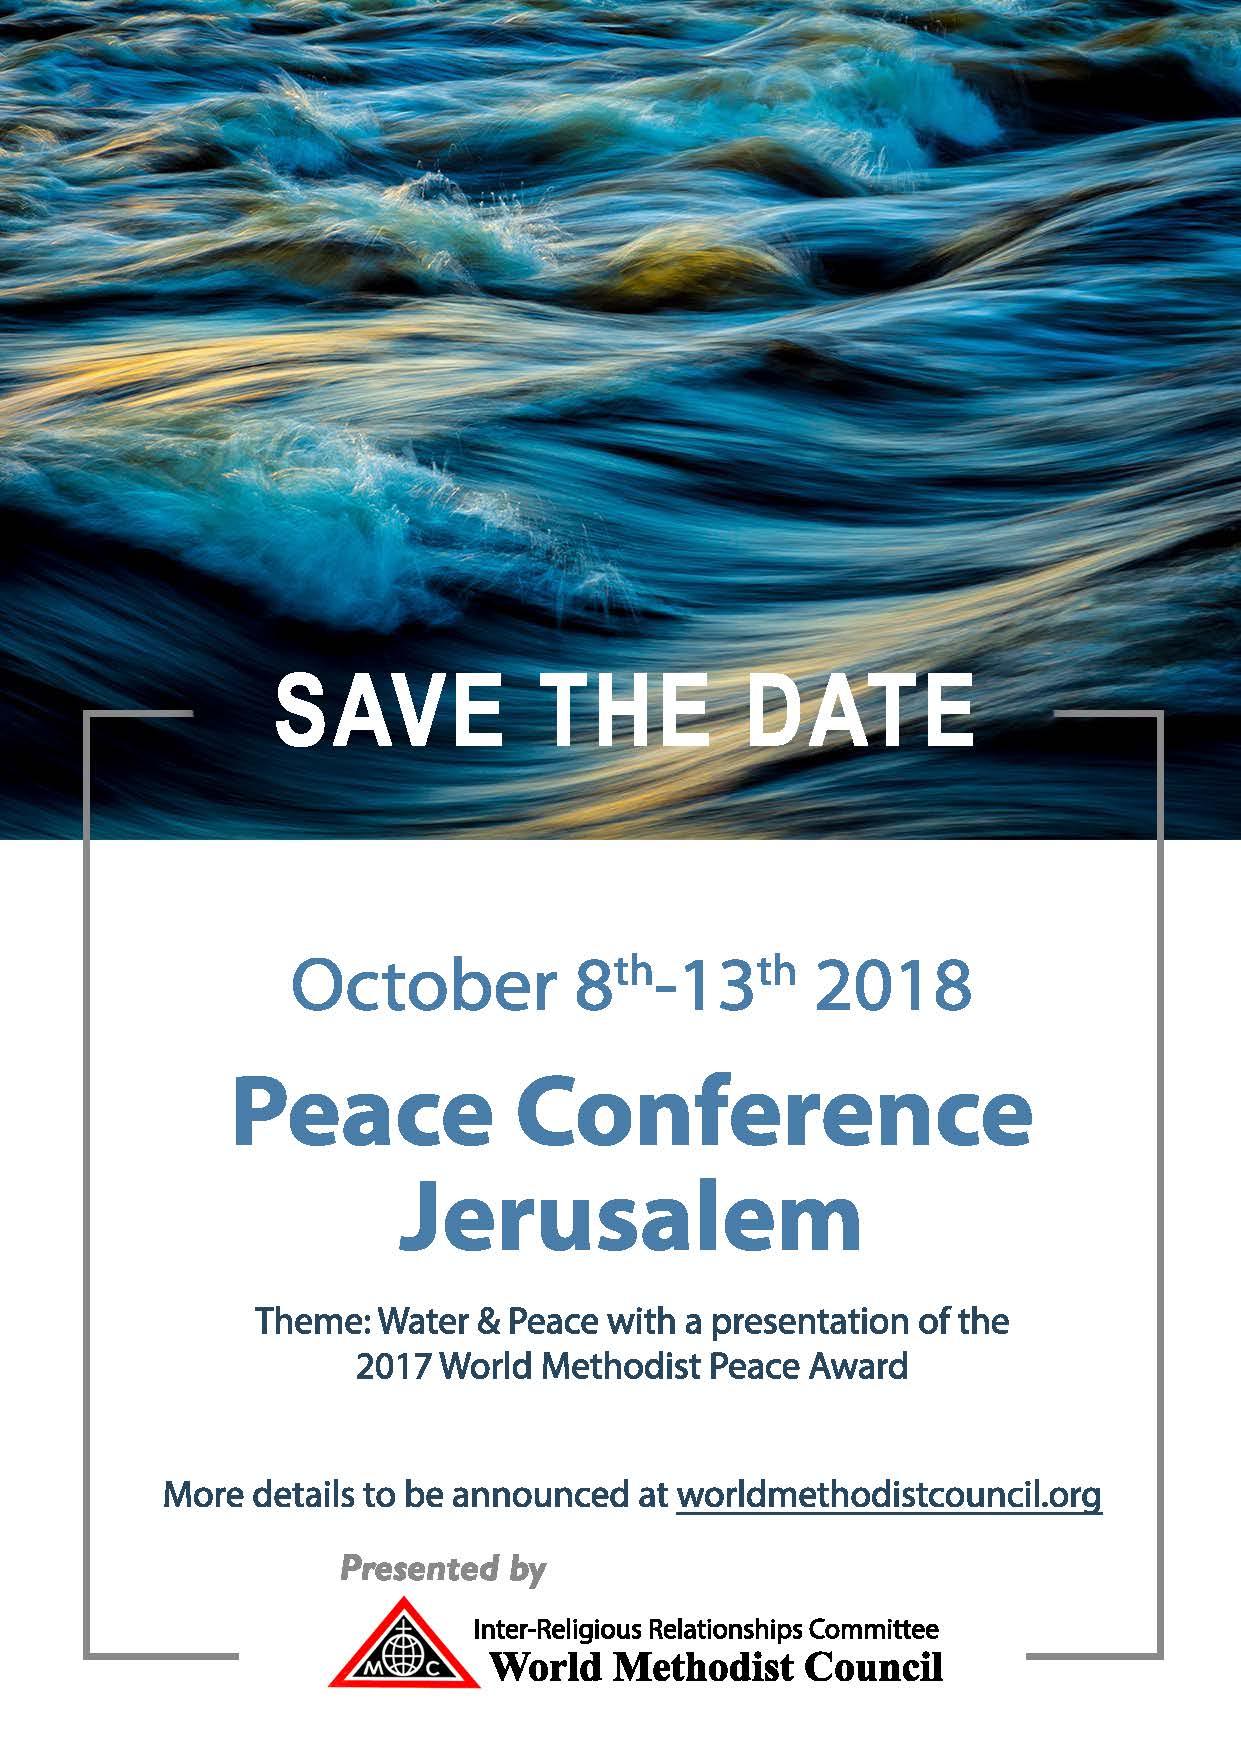 2018_Peace-Conference_Jerusalem_Flyer_socialmedia